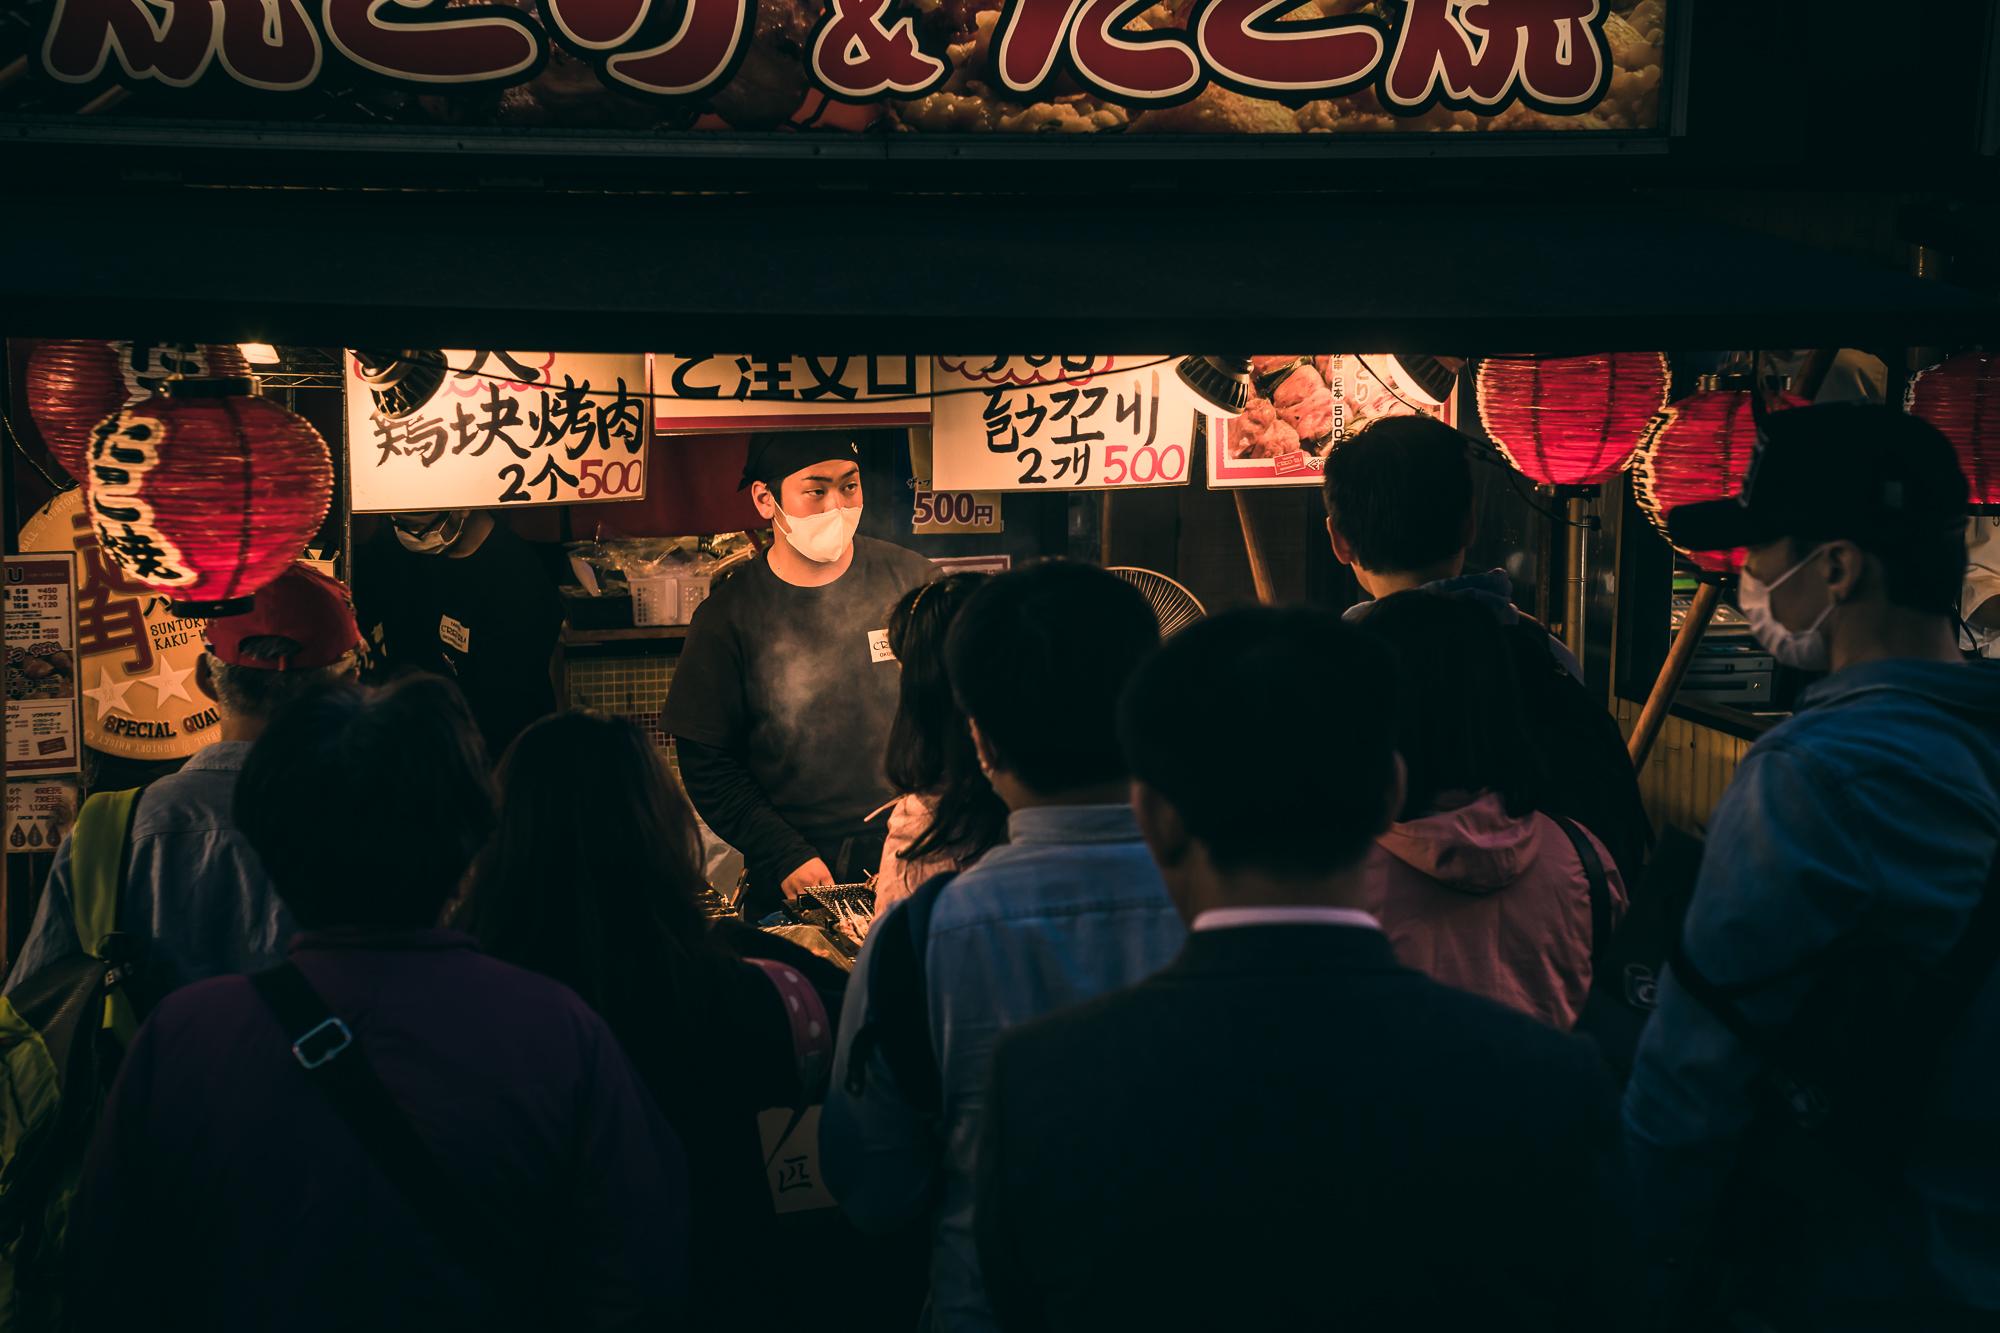 Kobe beef streetfood